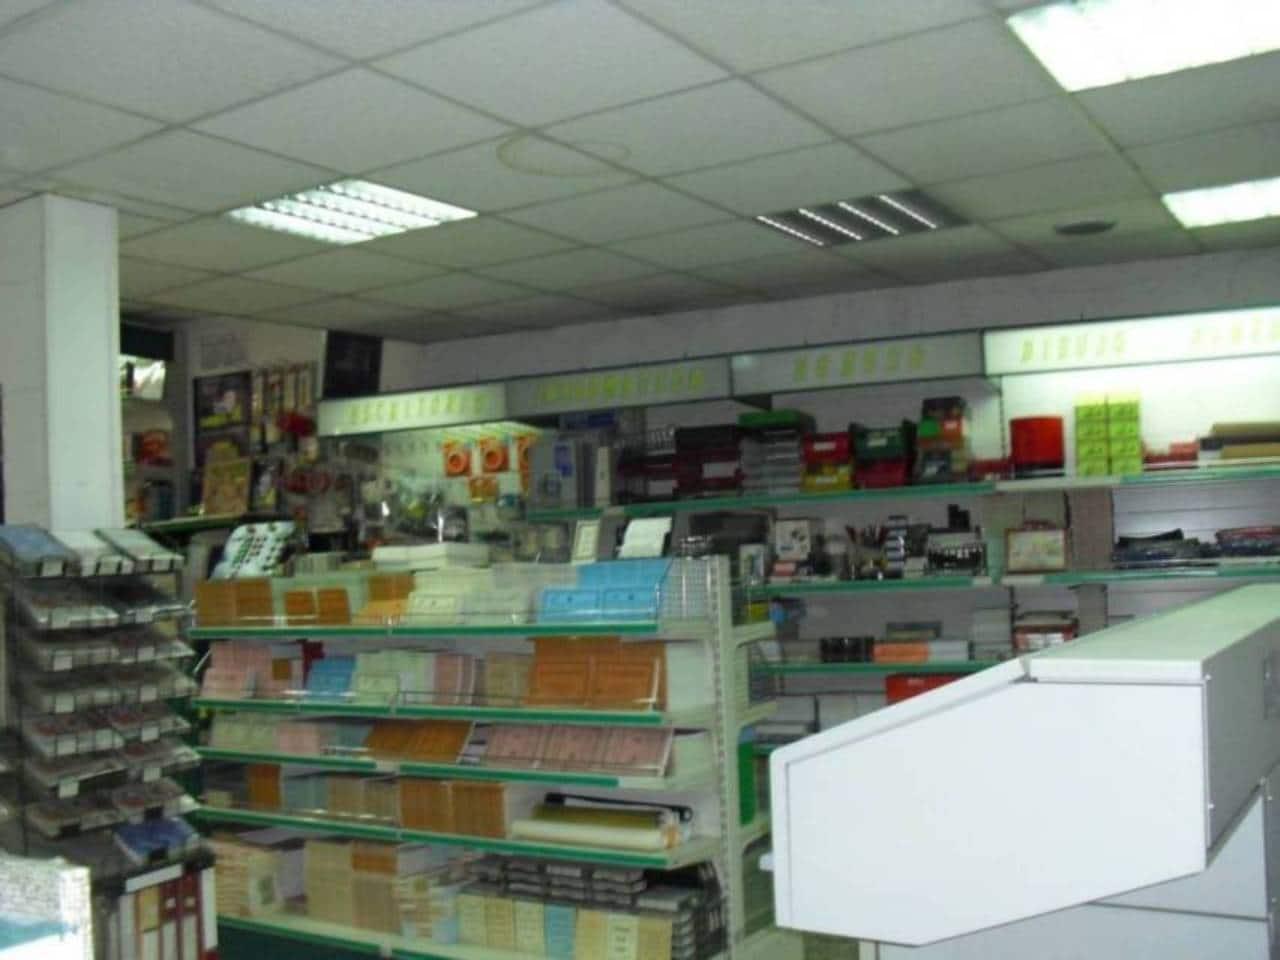 Local Comercial en Madrid ciudad en venta - 780.000 € (Ref: 4135268)